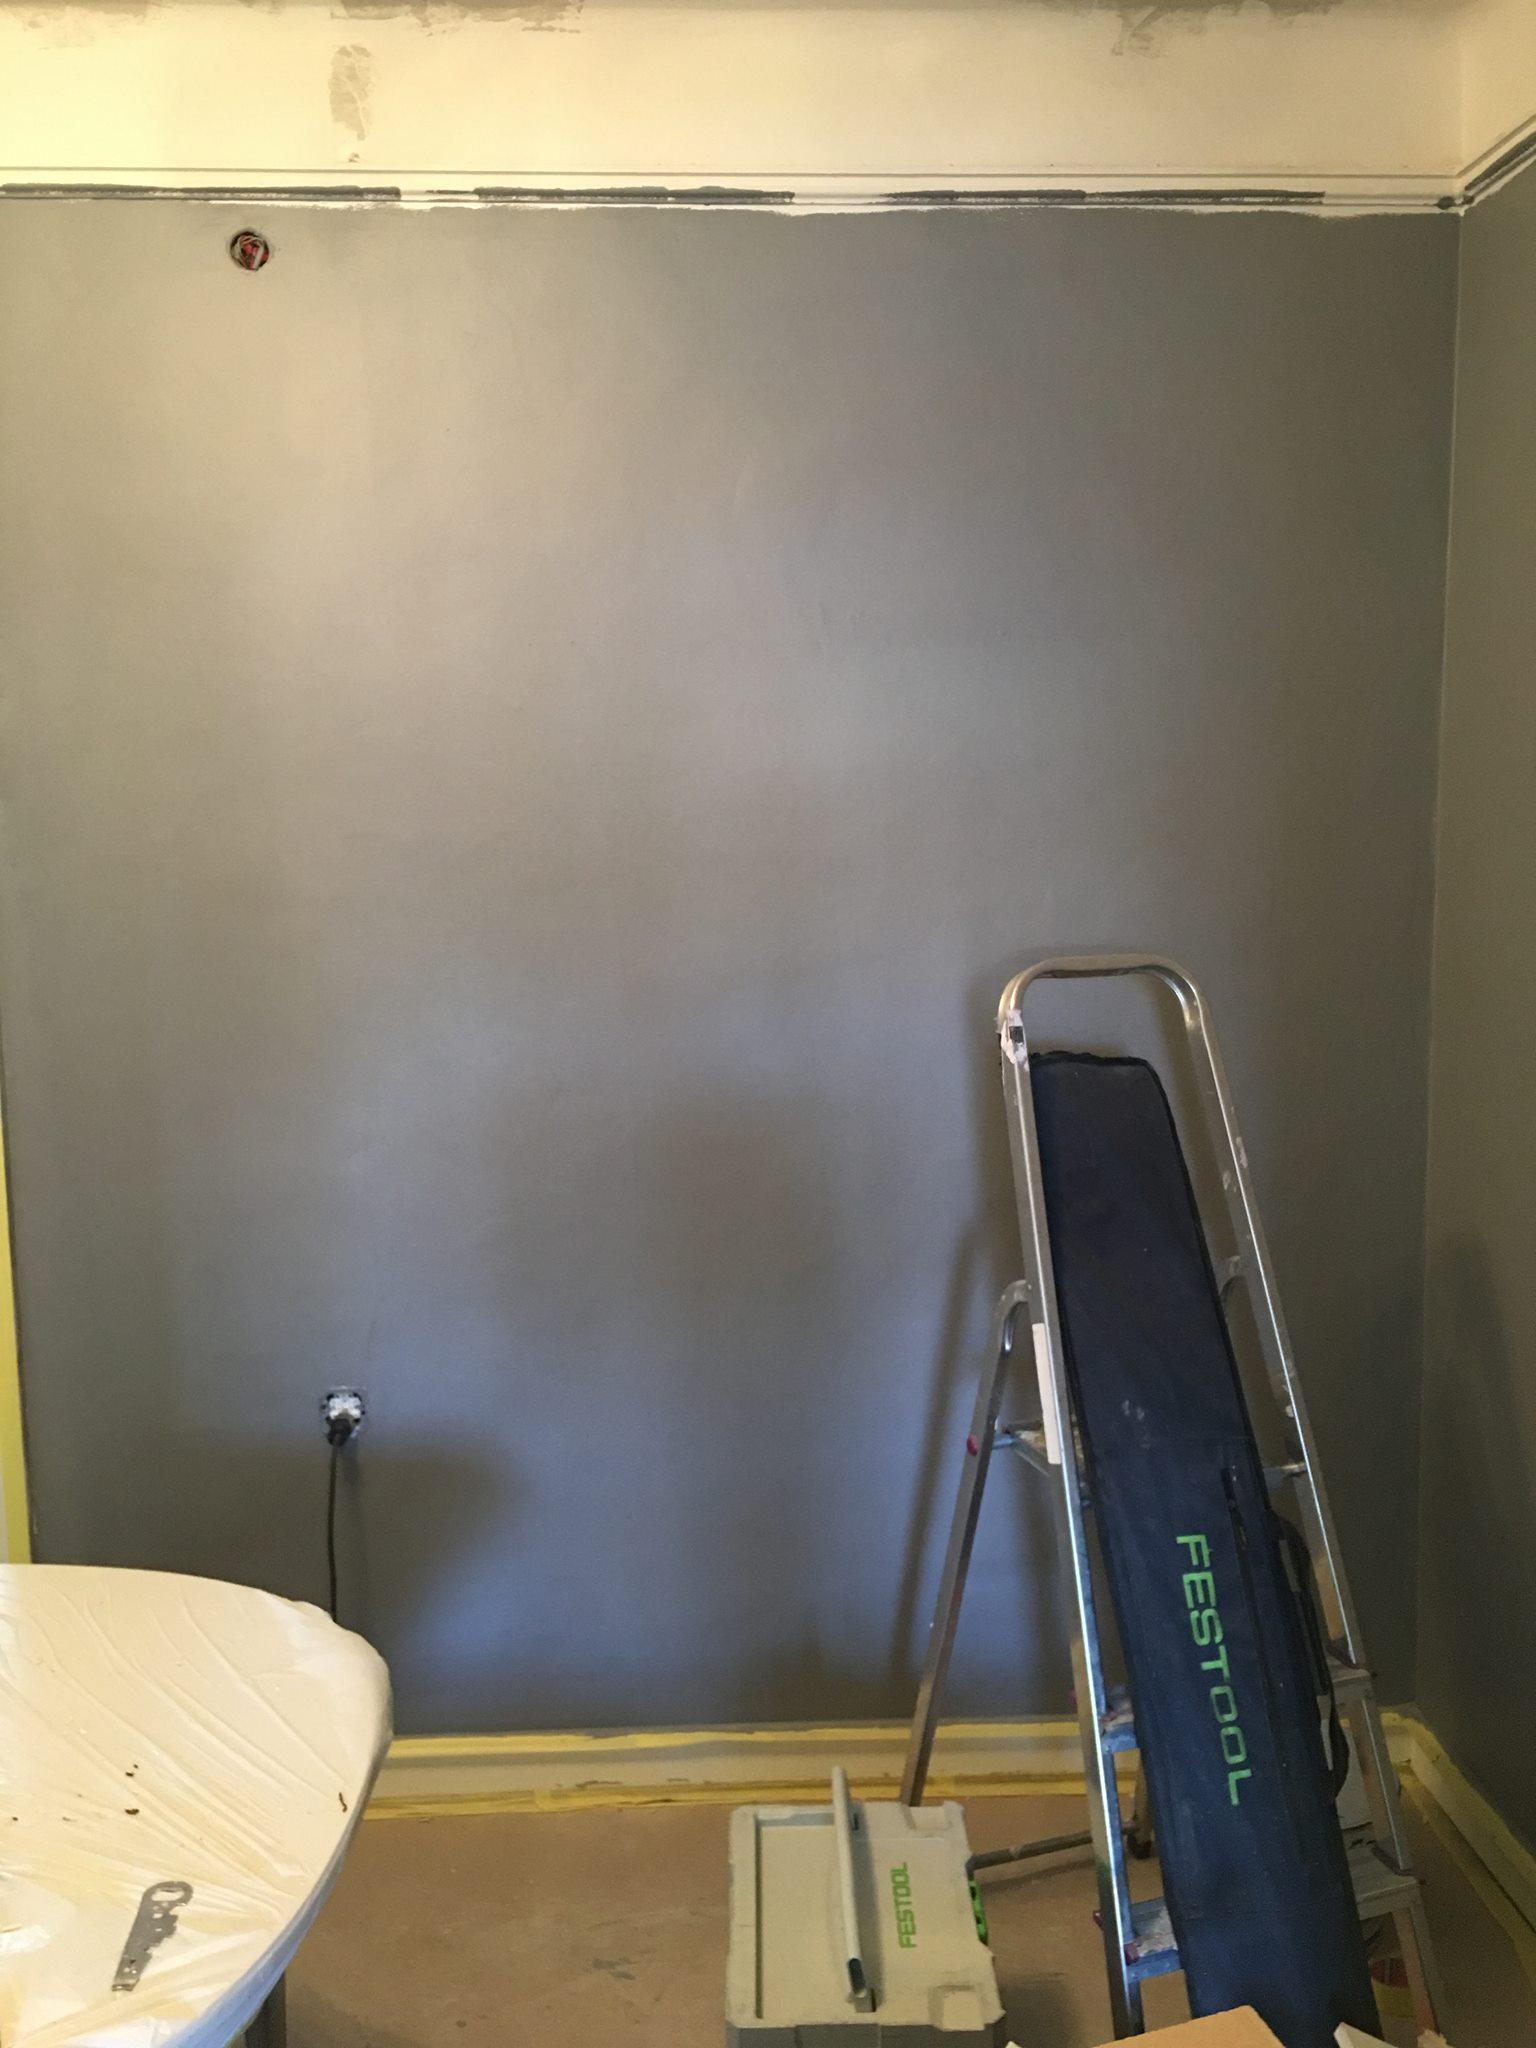 …tror att vi kan döpa om lägenheten till 50 shades of grey nu :D